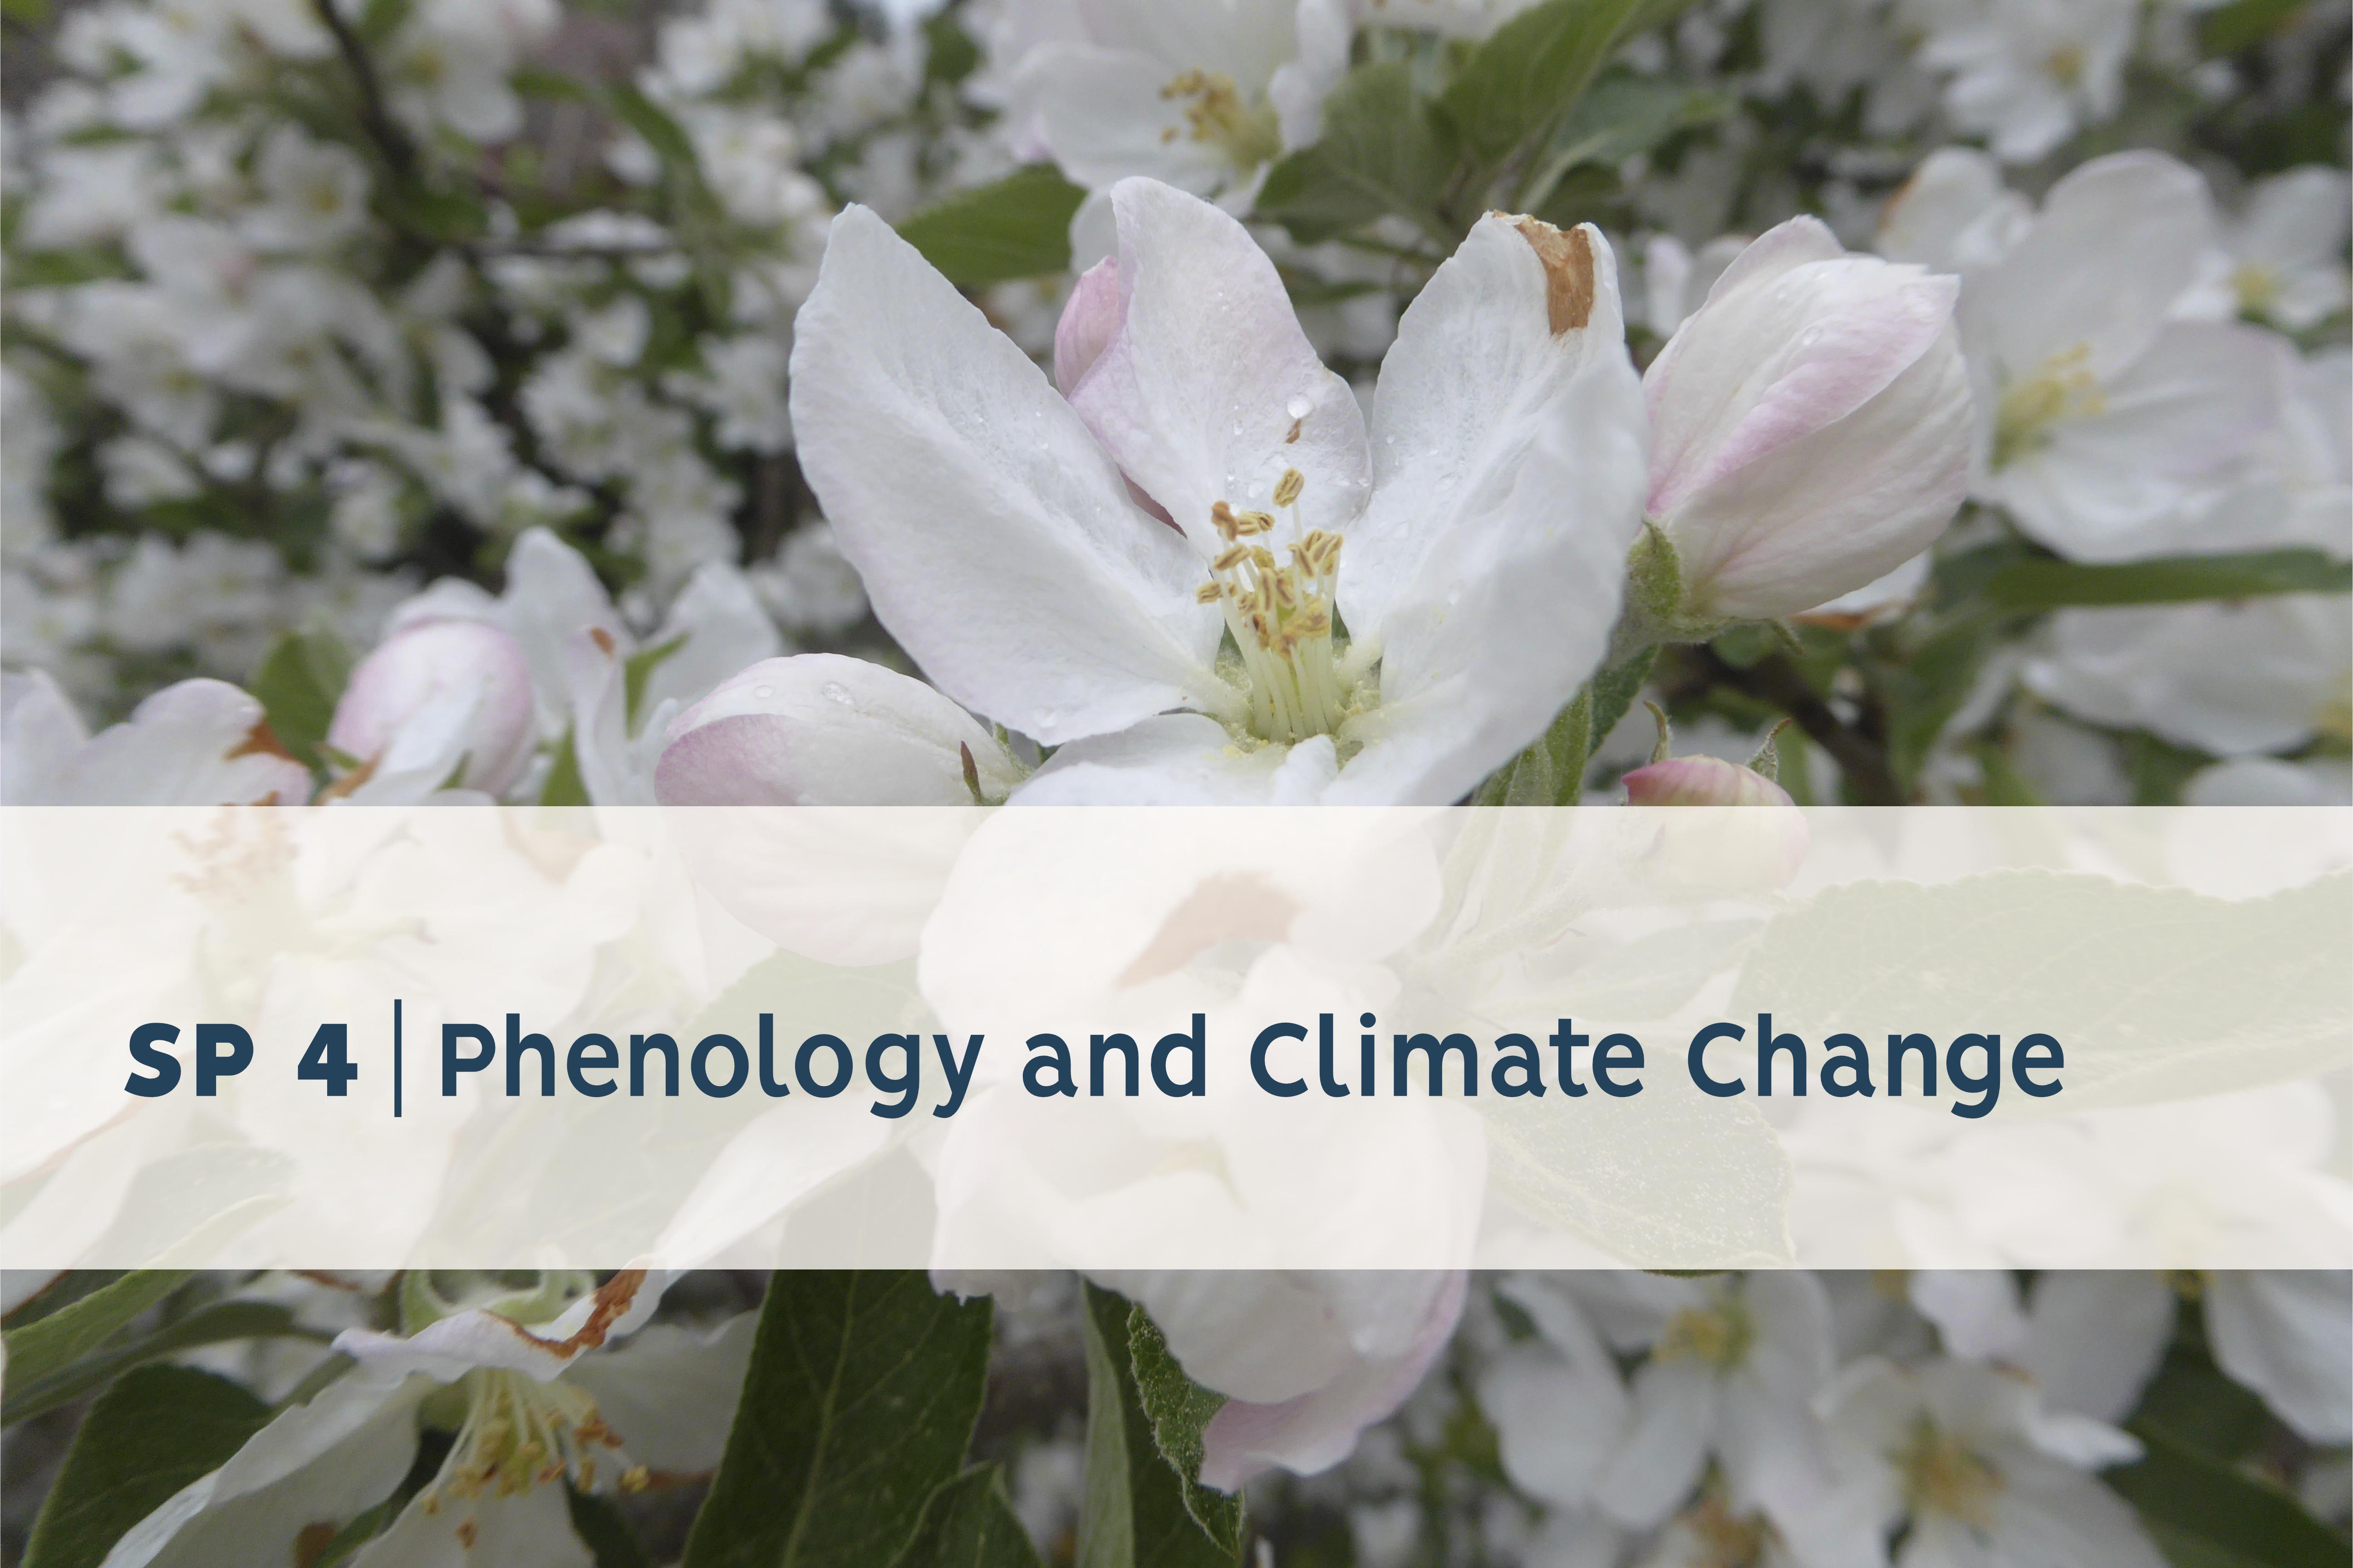 Phänologie als Bioindikator